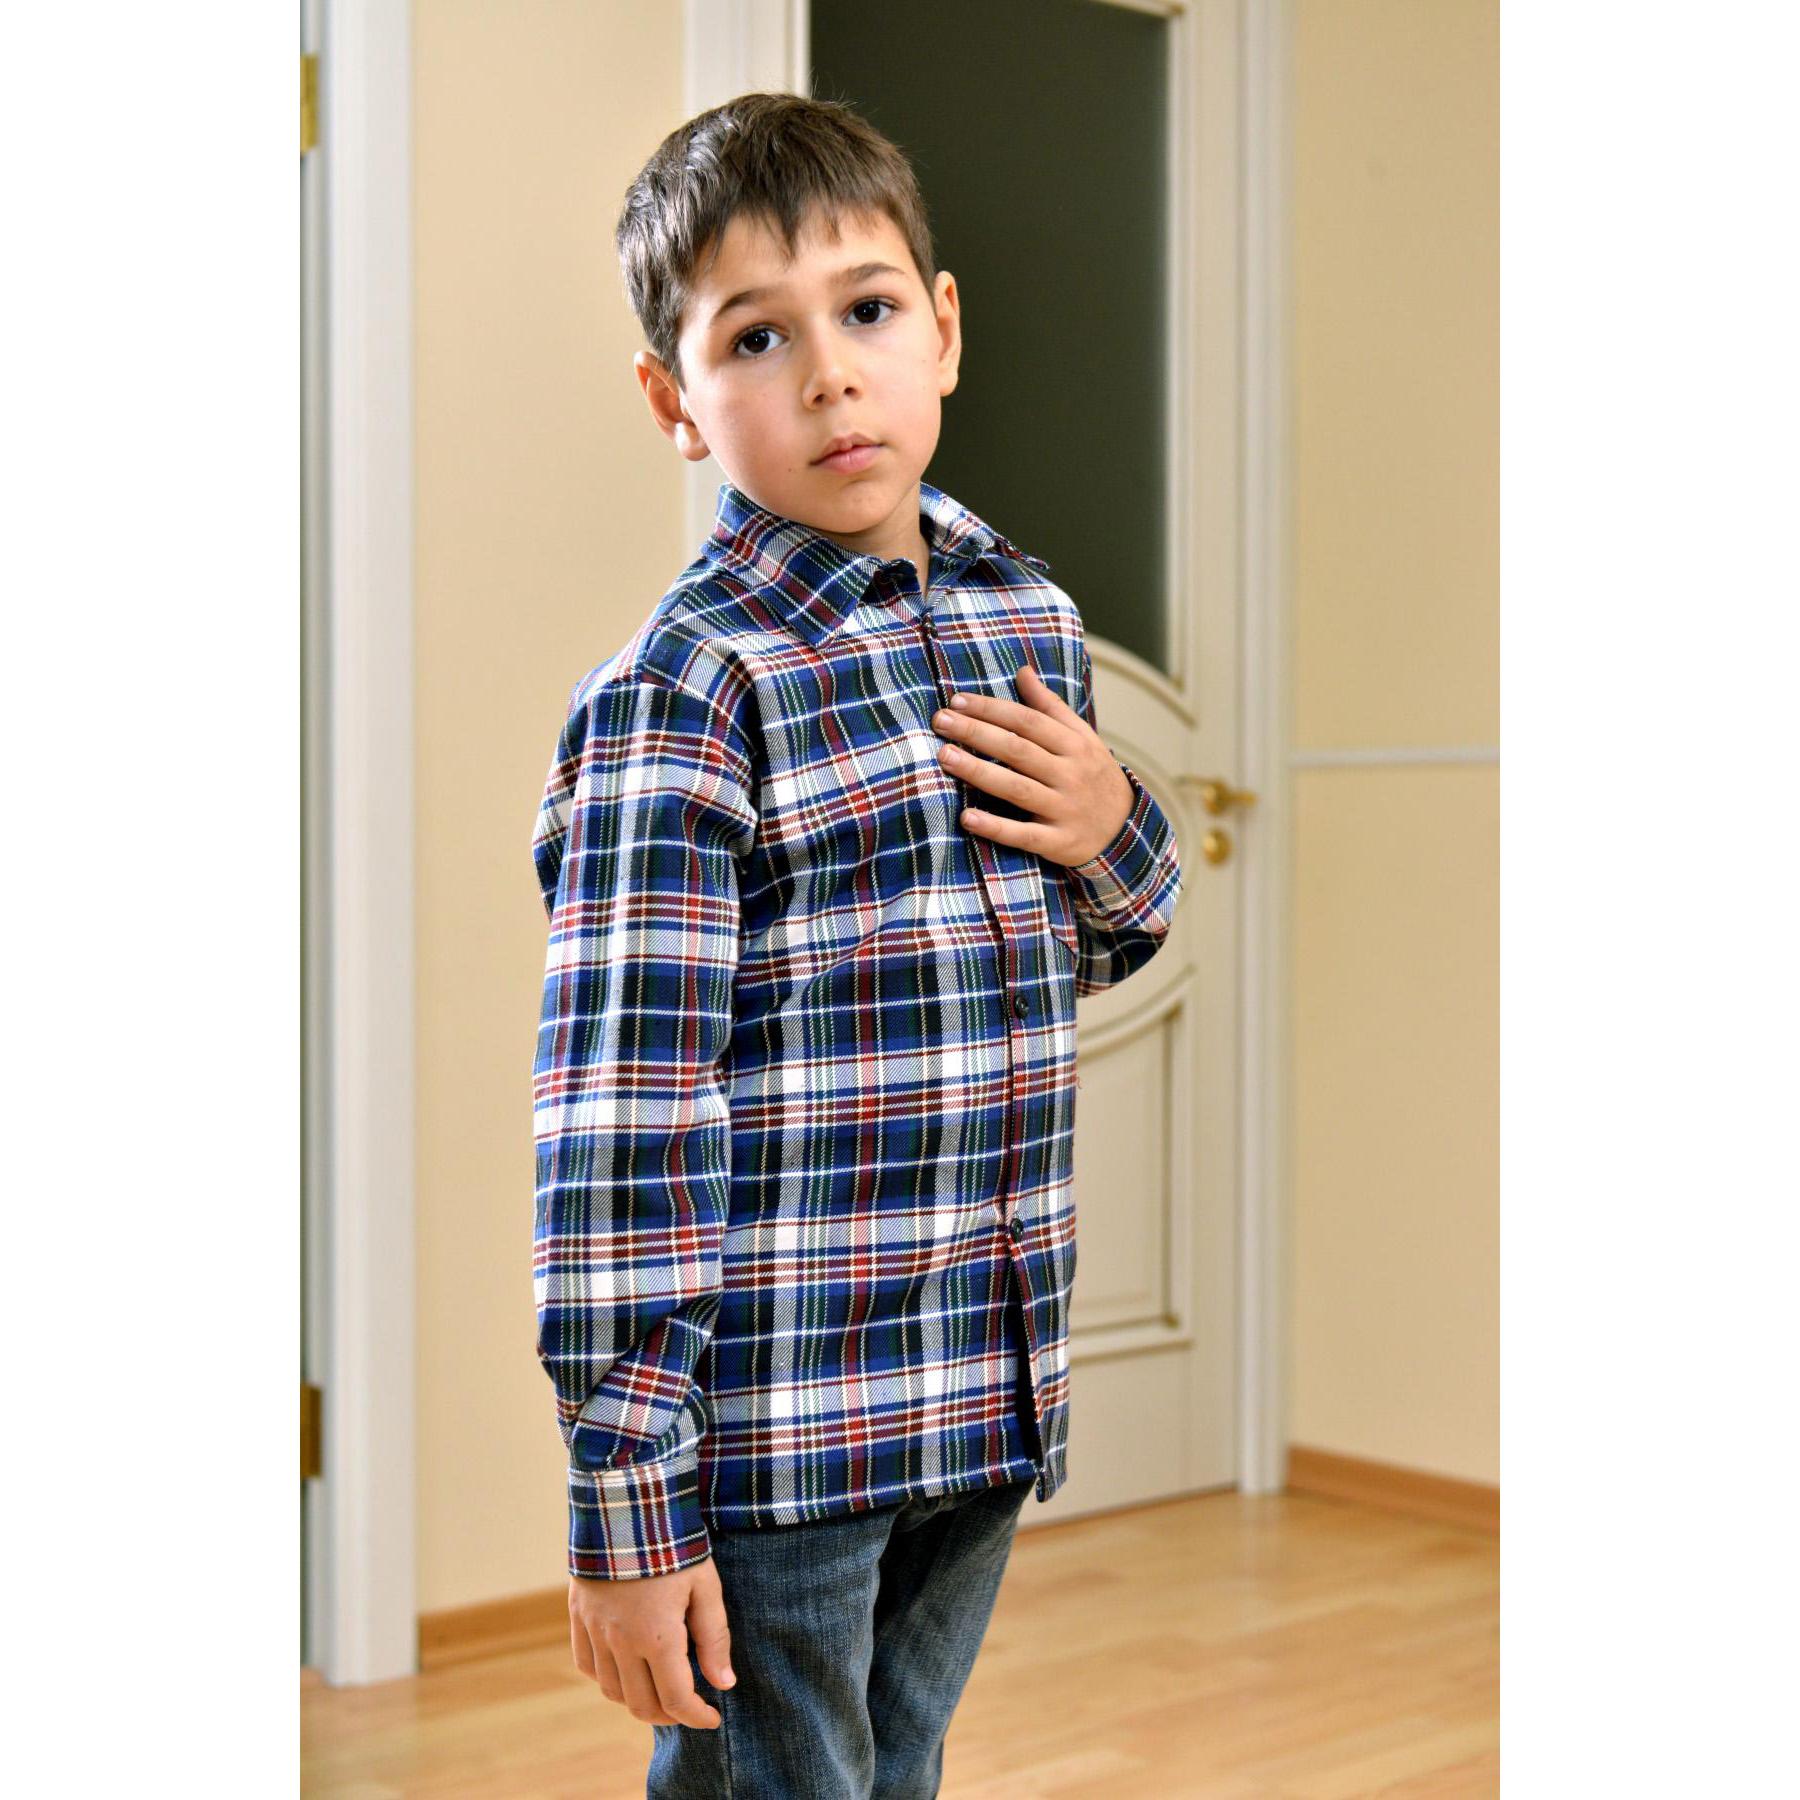 Детская рубашка Шотландия, размер 26Толстовки, джемпера и рубашки<br><br><br>Тип: Дет. рубашка<br>Размер: 26<br>Материал: Шотландка